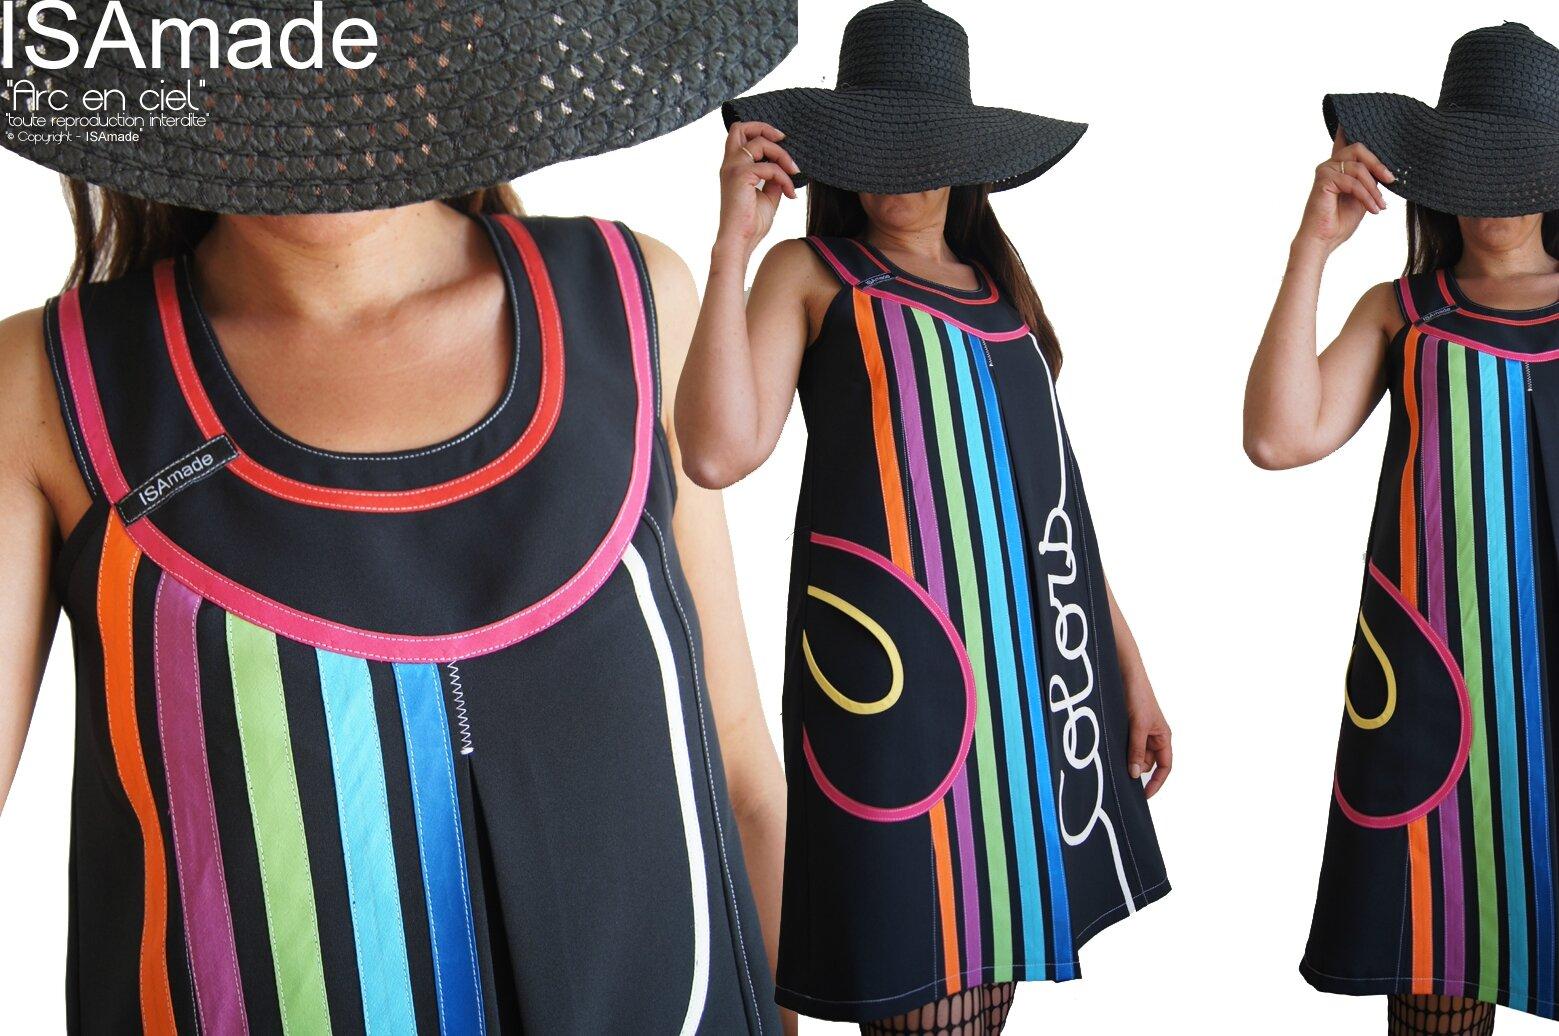 Robe trapèze Chasuble Graphique Noire & Multicolore Rainbow Graphique Asymétrique d'allure Sixties